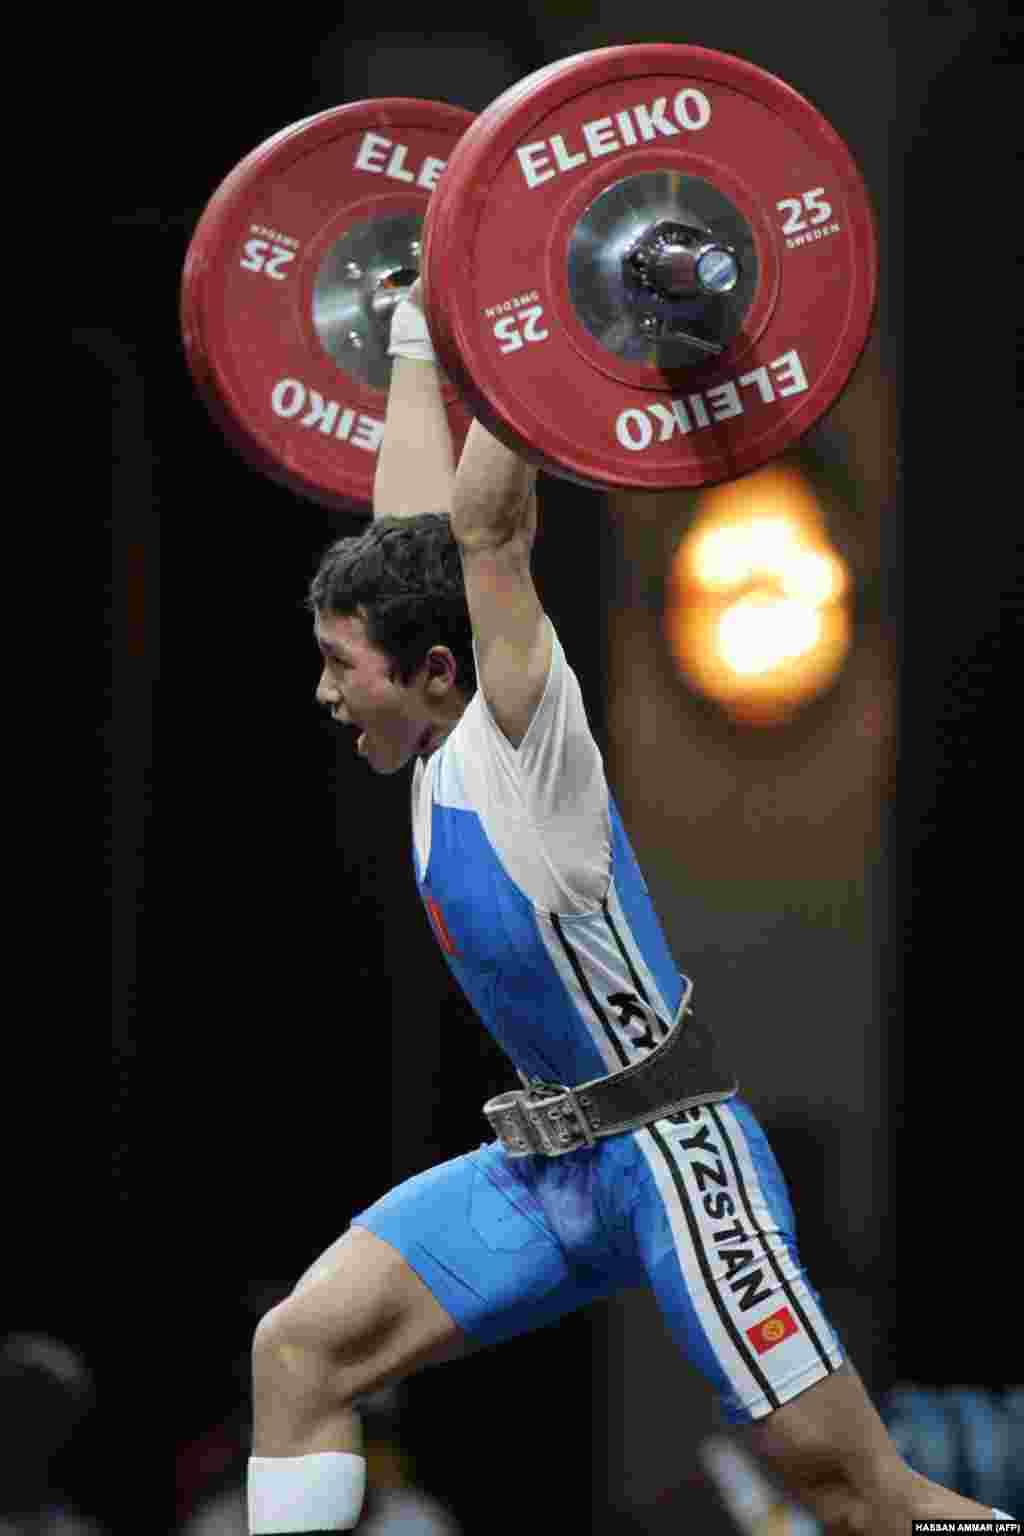 """Оор атлетика боюнча эл аралык спорттун чебери Бекзат Осмоналиев. Бекзат Осмоналиев 2012-жылы Лондондо өткөн Олимп оюндарында 56 килограммга чейинки категорияда эркектер арасында """"А"""" тобунда мелдешке чыгып, 127 килограмм оордукту жулкуп көтөрүп, бирок түртүп көтөрүүдө 145 килограмм көтөрө албай калып, мелдештен четтеген эле."""